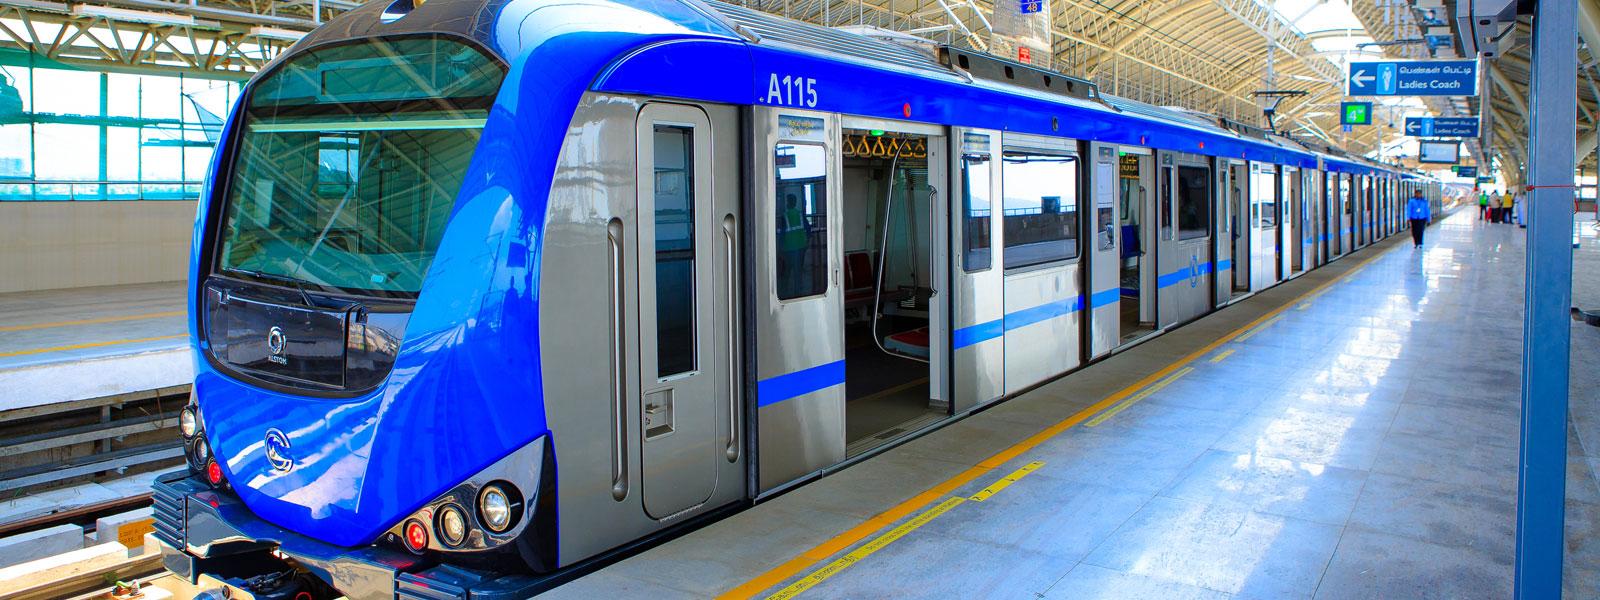 1000  ideas about Chennai Metro on Pinterest | Railway jobs, Metro ...